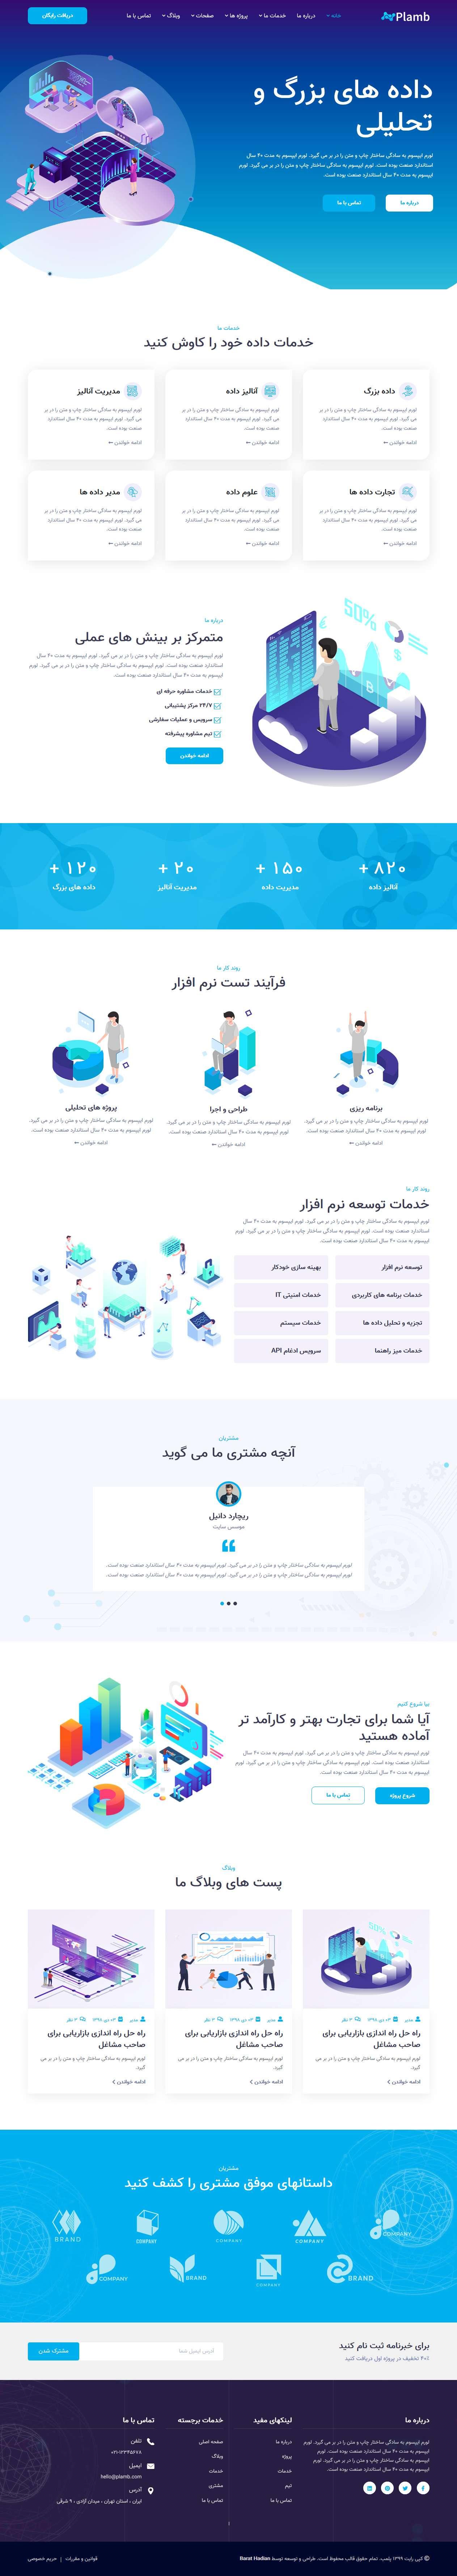 قالب HTML Plamb | قالب HTML شرکتی علوم داده و تجزیه تحلیل آنالیزی